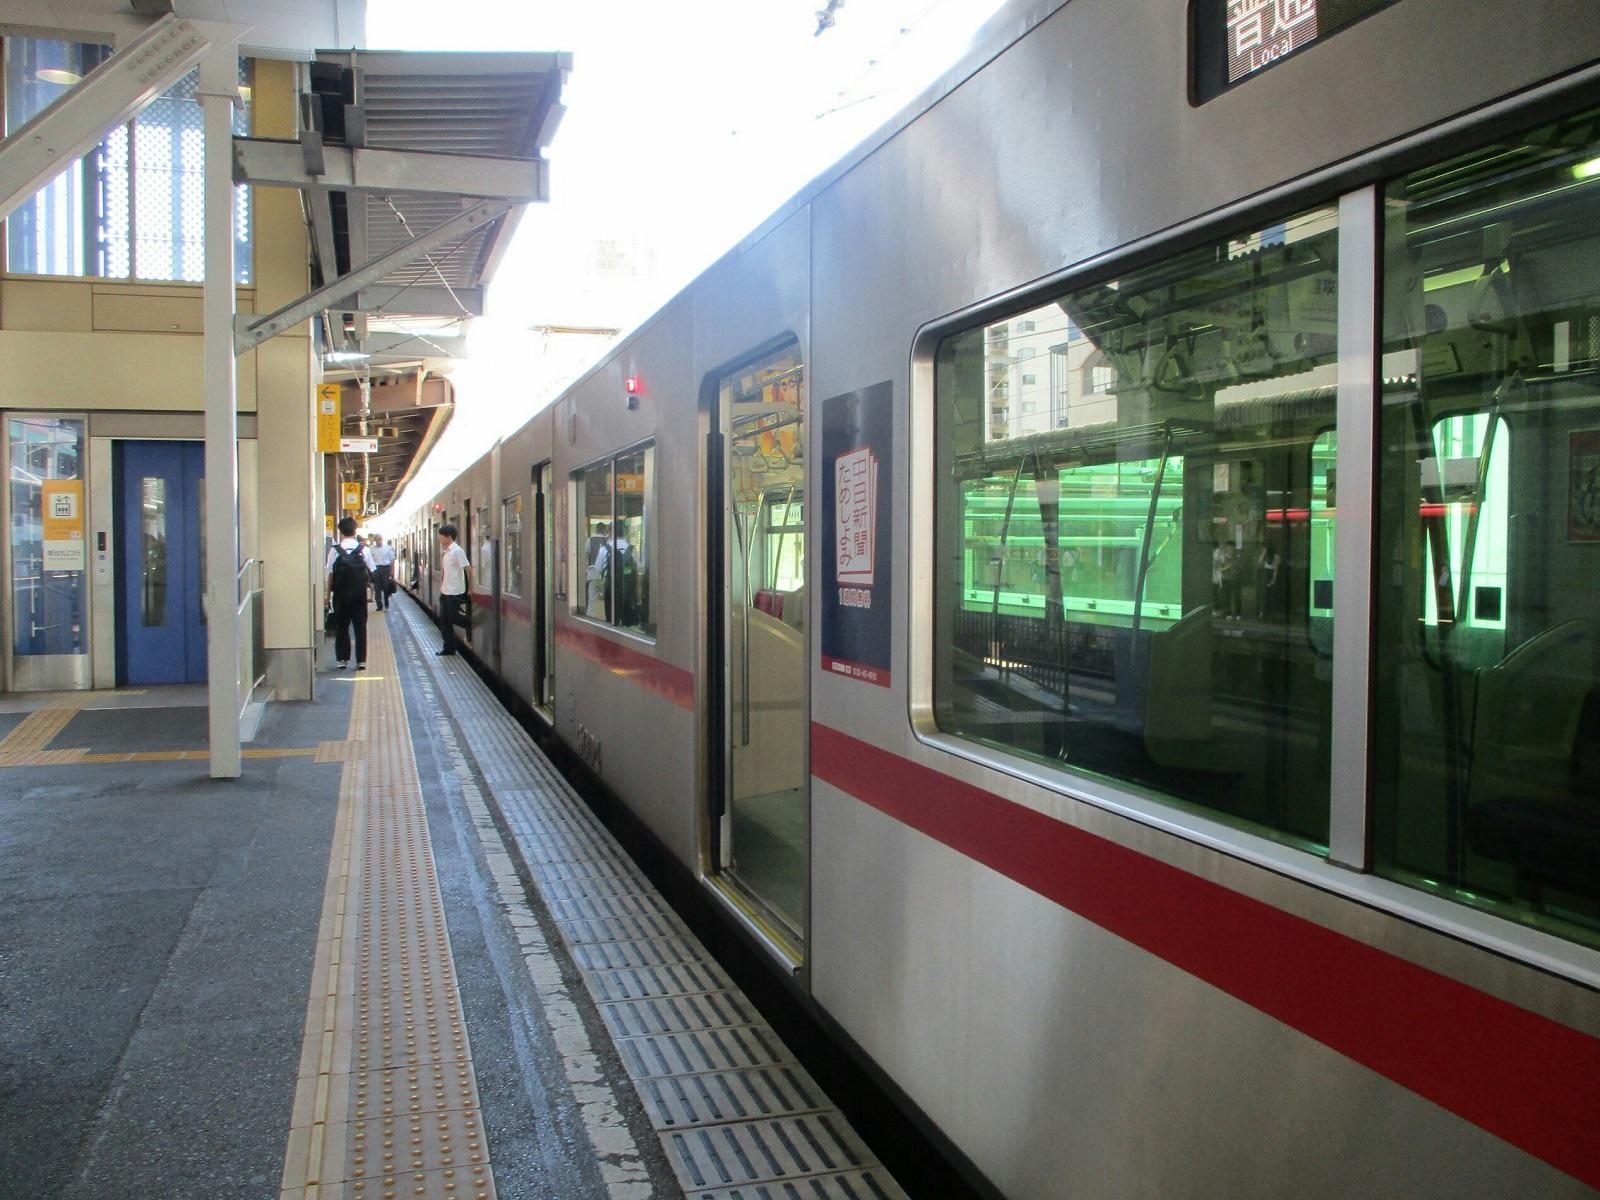 2018.7.23 (7) 東岡崎 - 東岡崎いきふつう 1600-1200